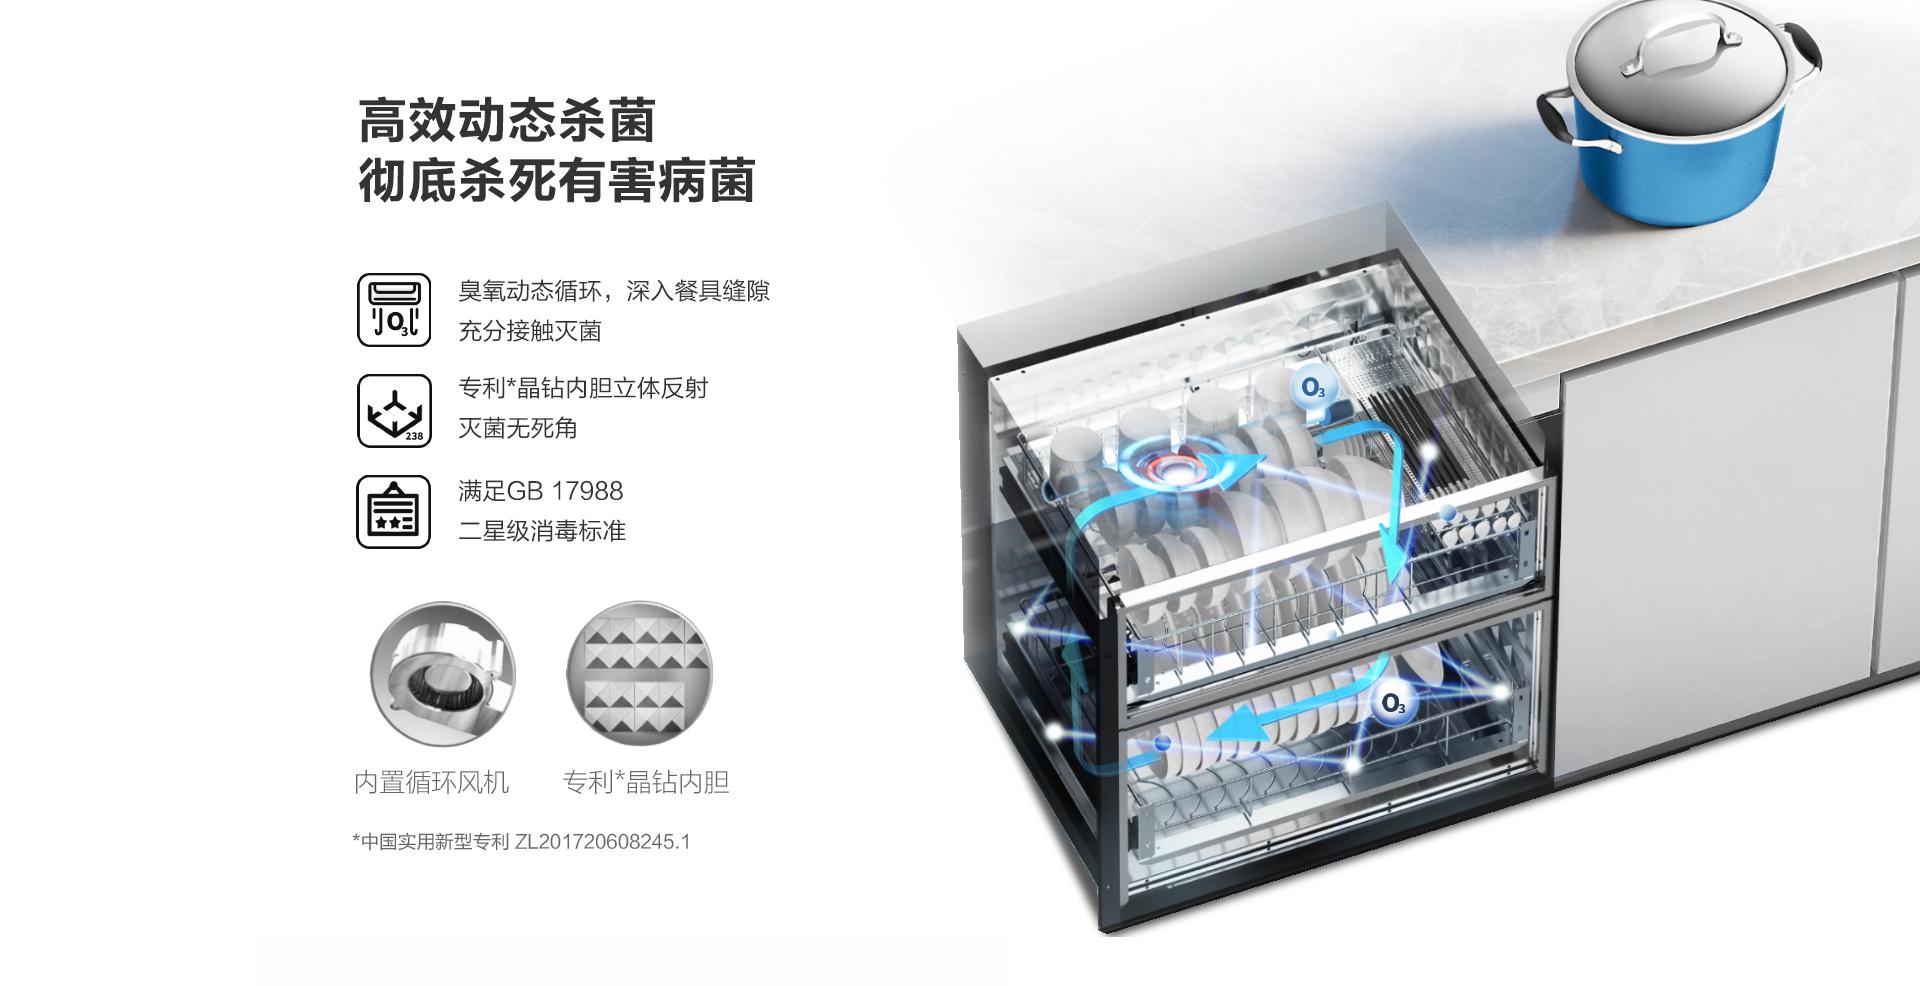 XB821消毒柜-上新-PC端-201116_02.jpg